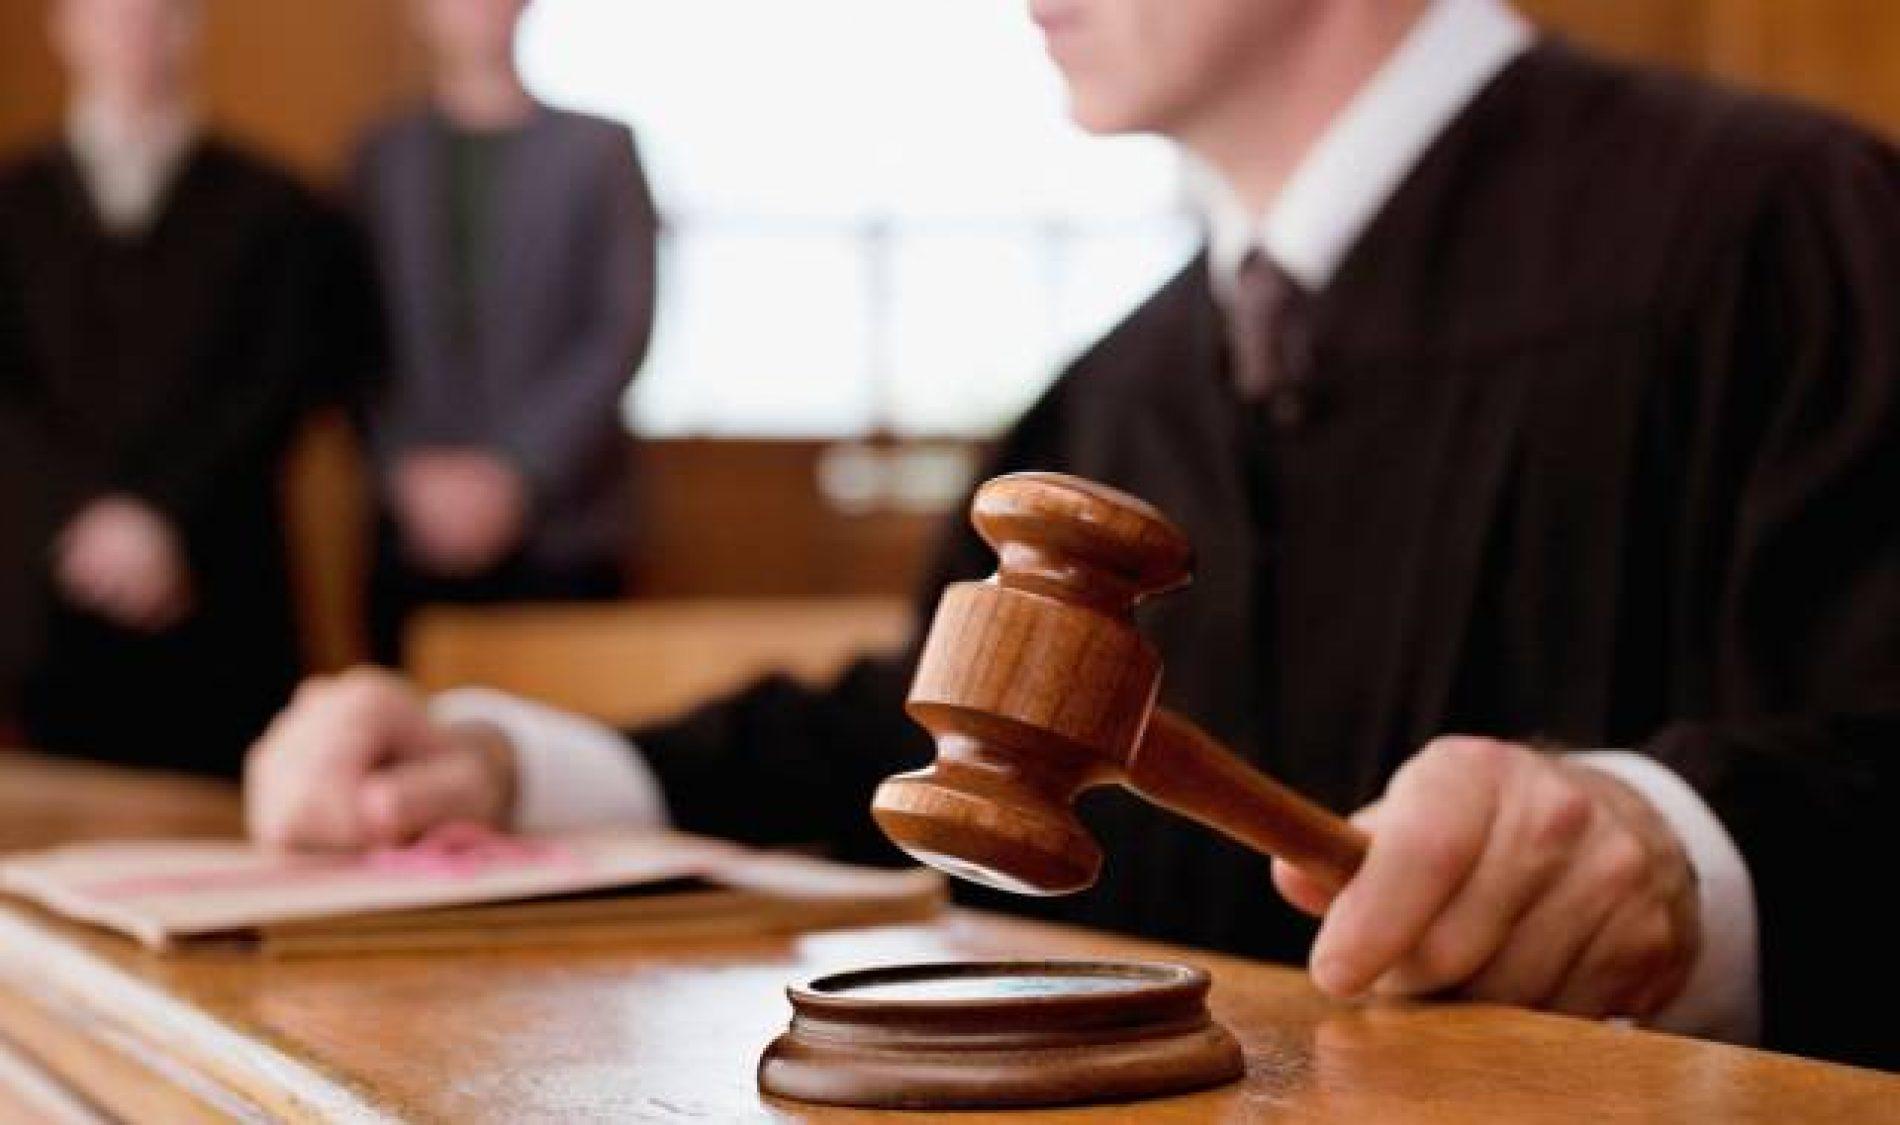 Ilhéus: Trabalhador é condenado a pagar R$ 8,5 mil em honorários com nova regra